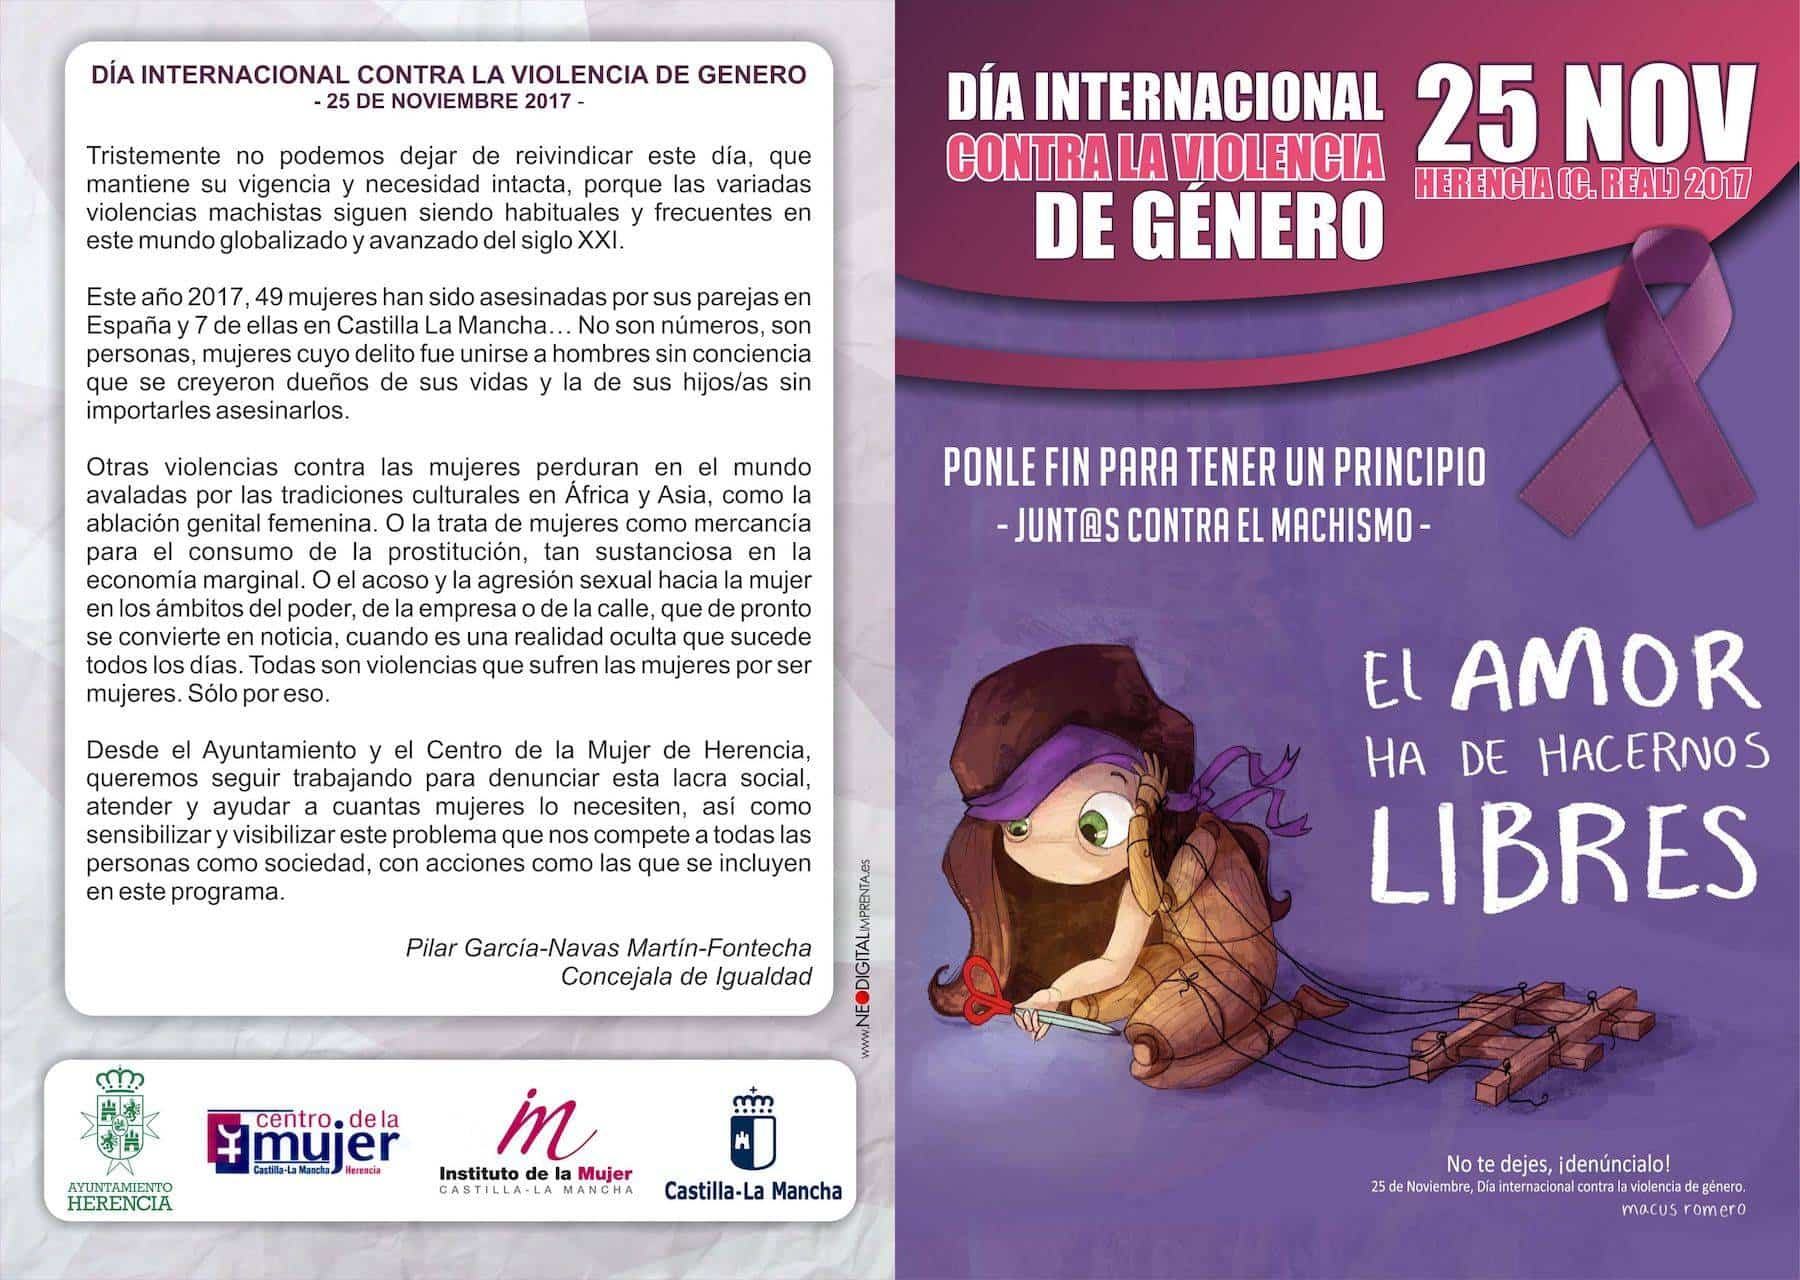 """dia internacional violencia genero herencia - """"Ponle fin para tener un principio"""". Día contra la Violencia de Género en Herencia"""